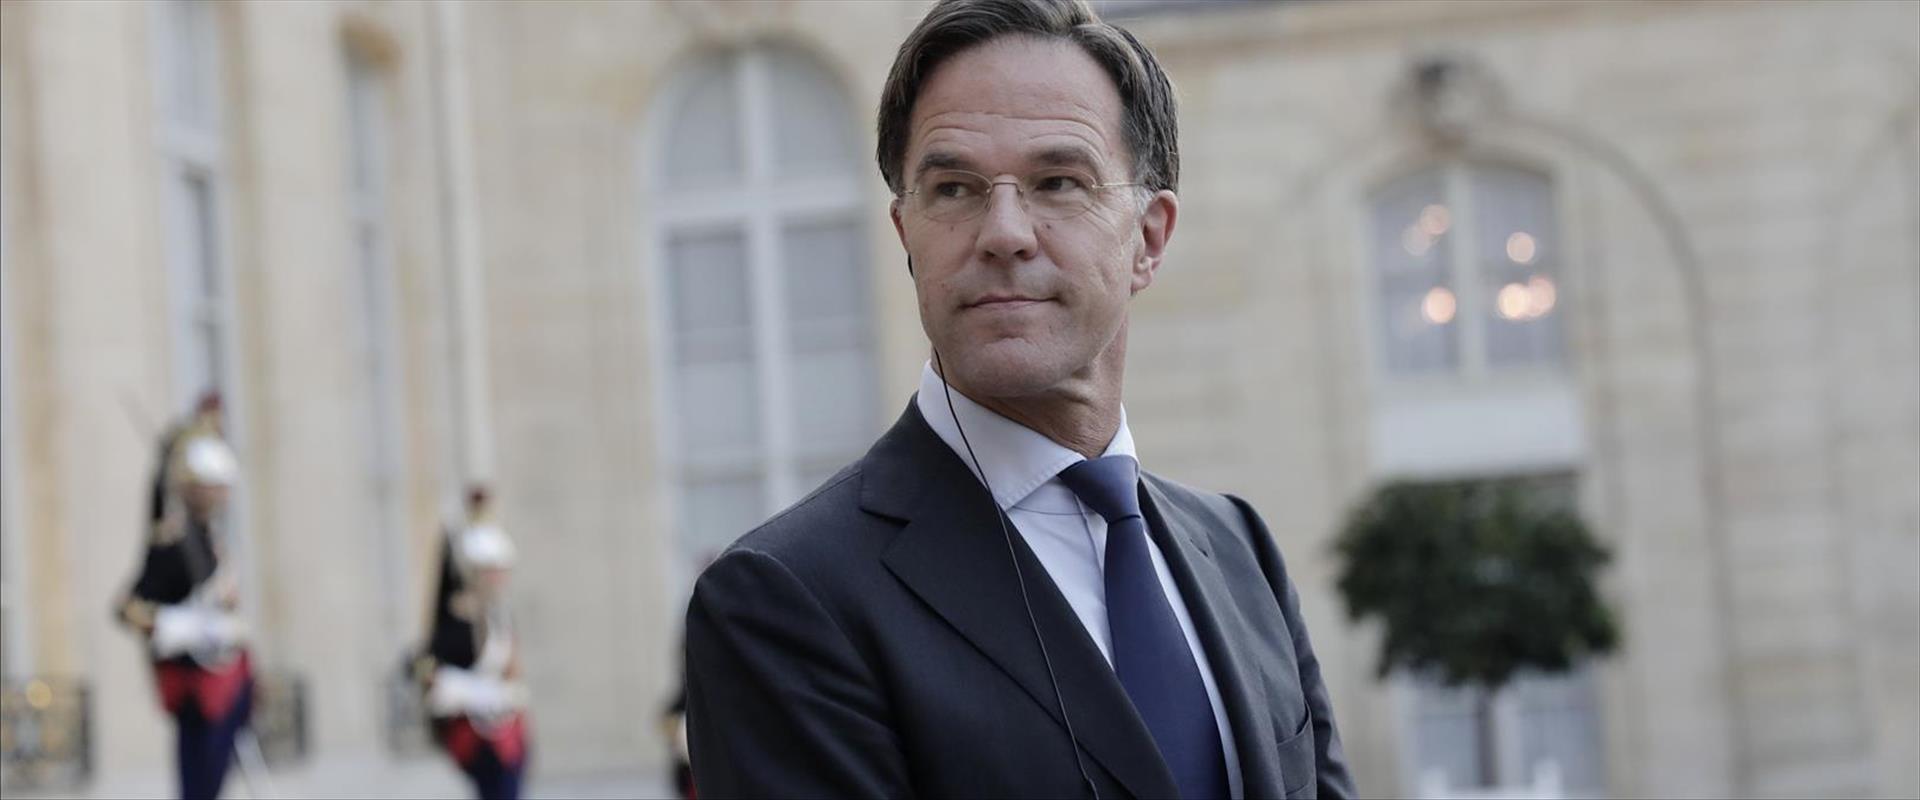 ראש ממשלת הולנד בפועל, מארק רוטה